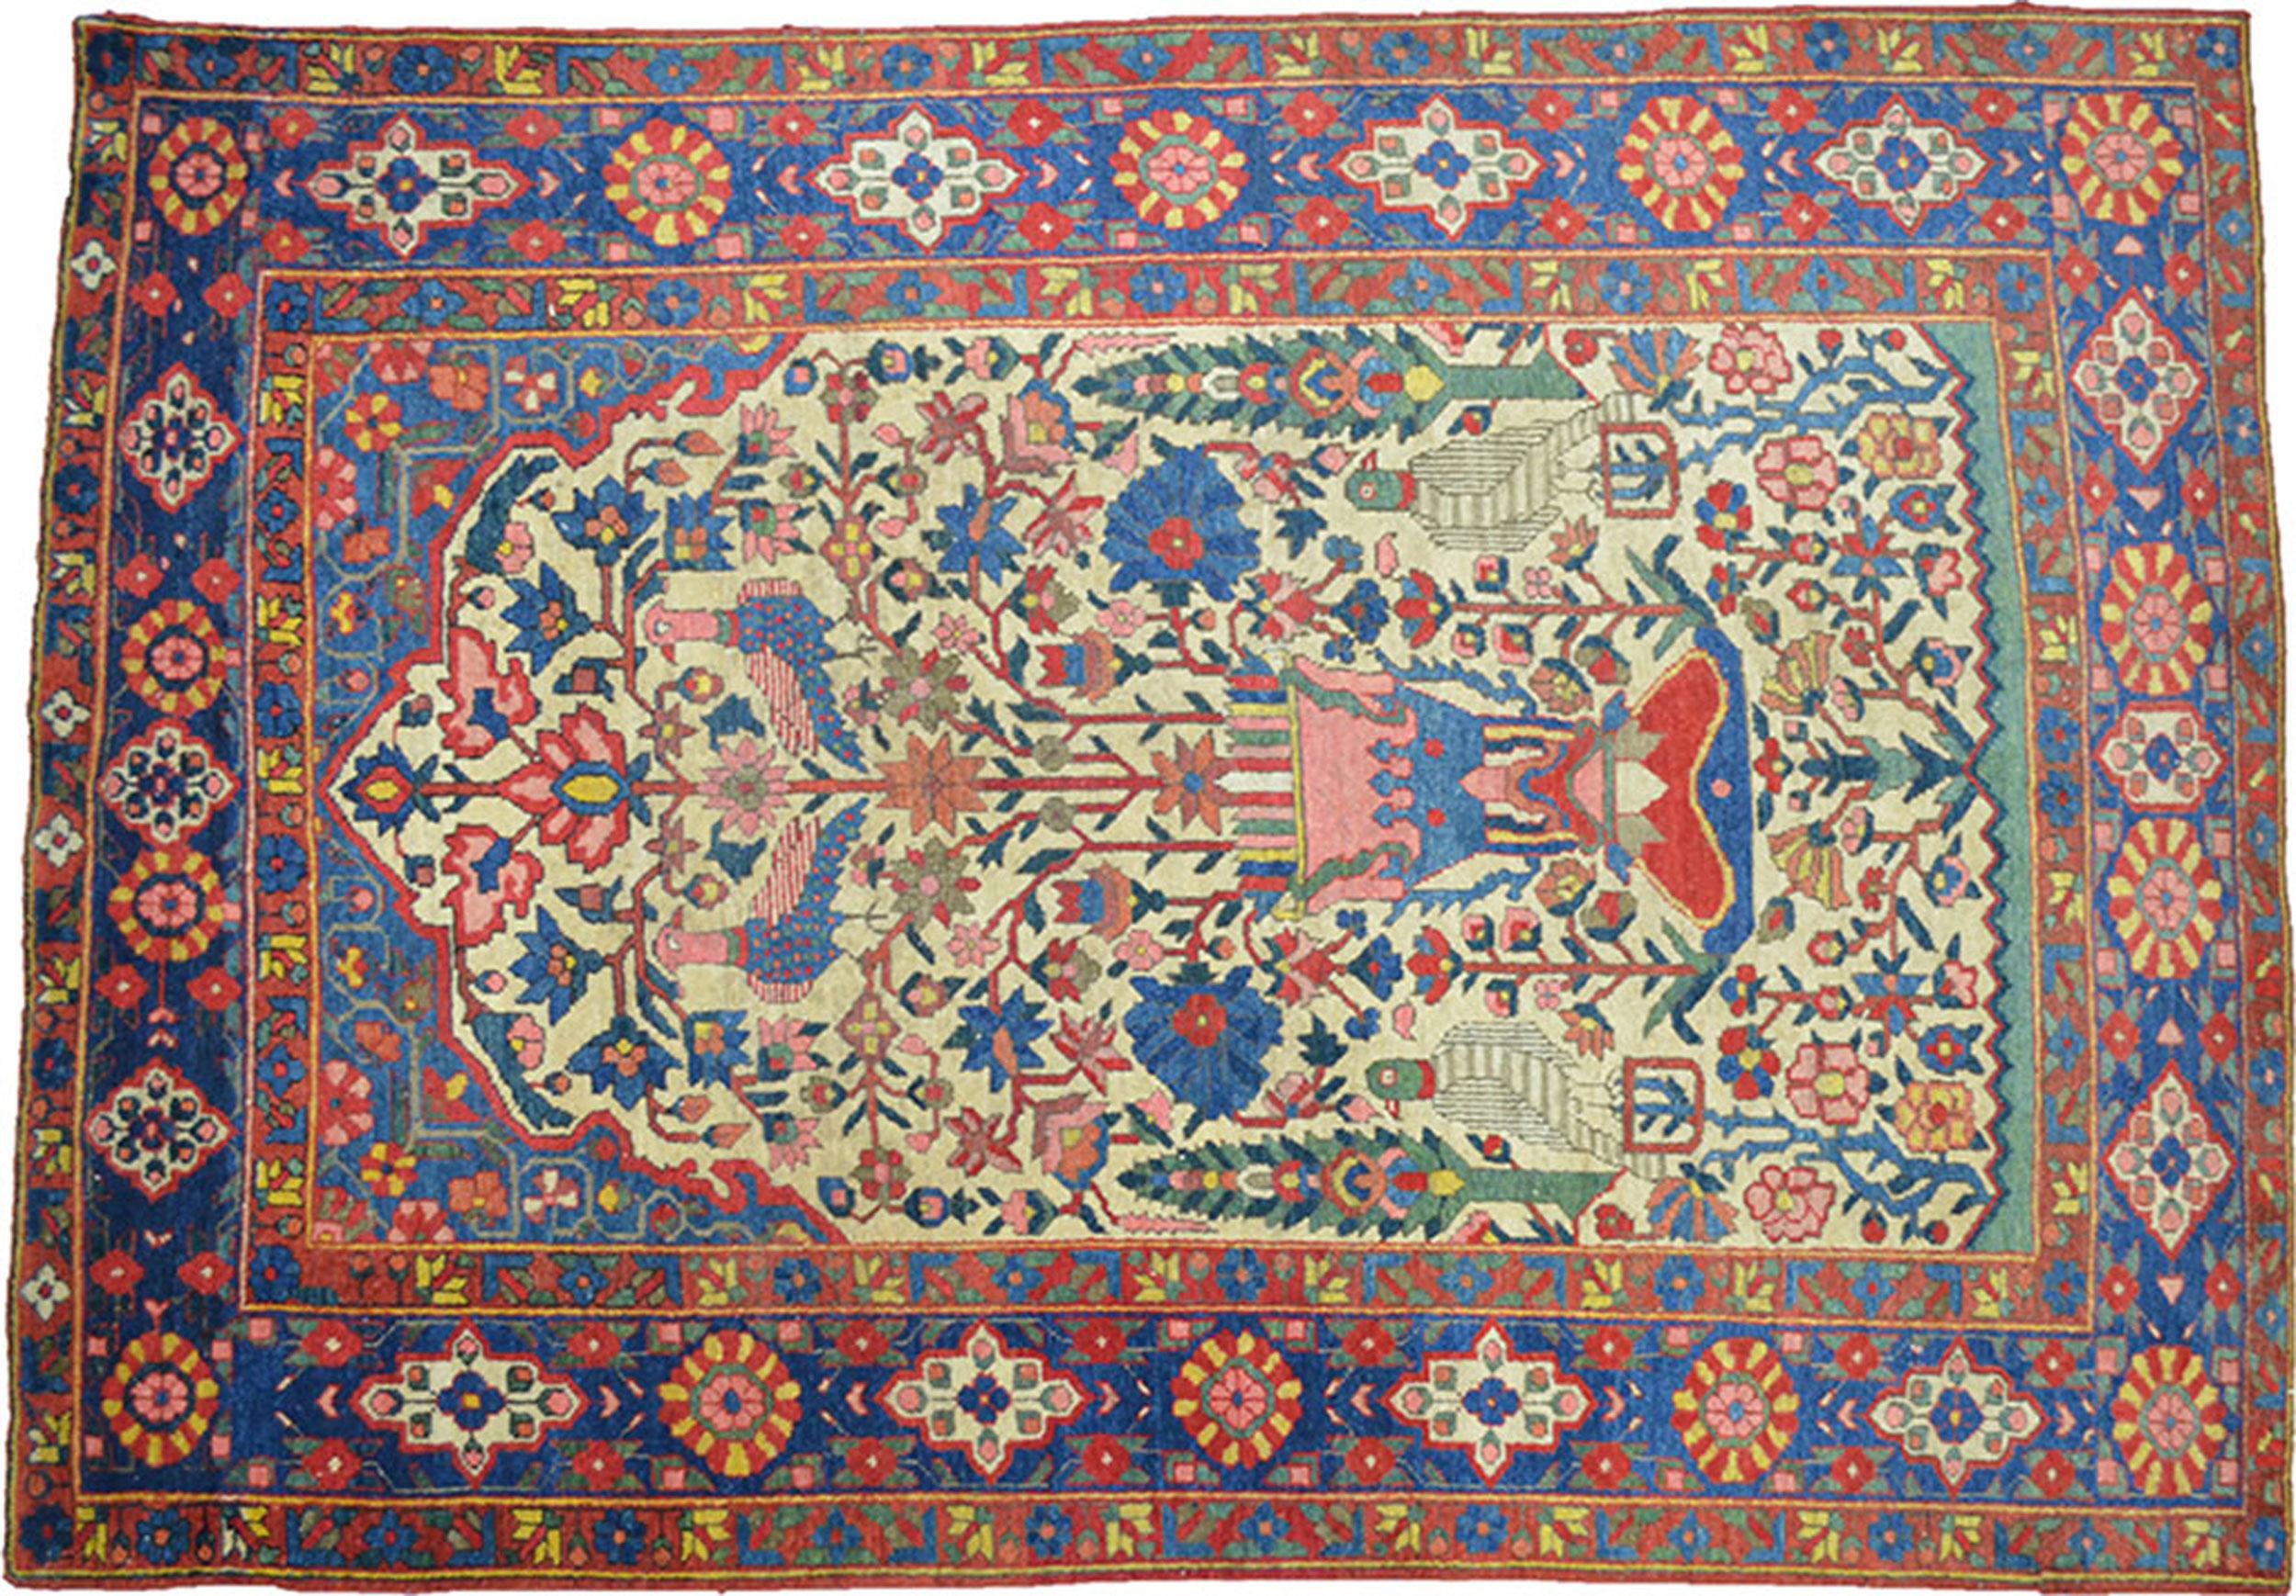 Antique Bakhtiar Rug 195x135cm